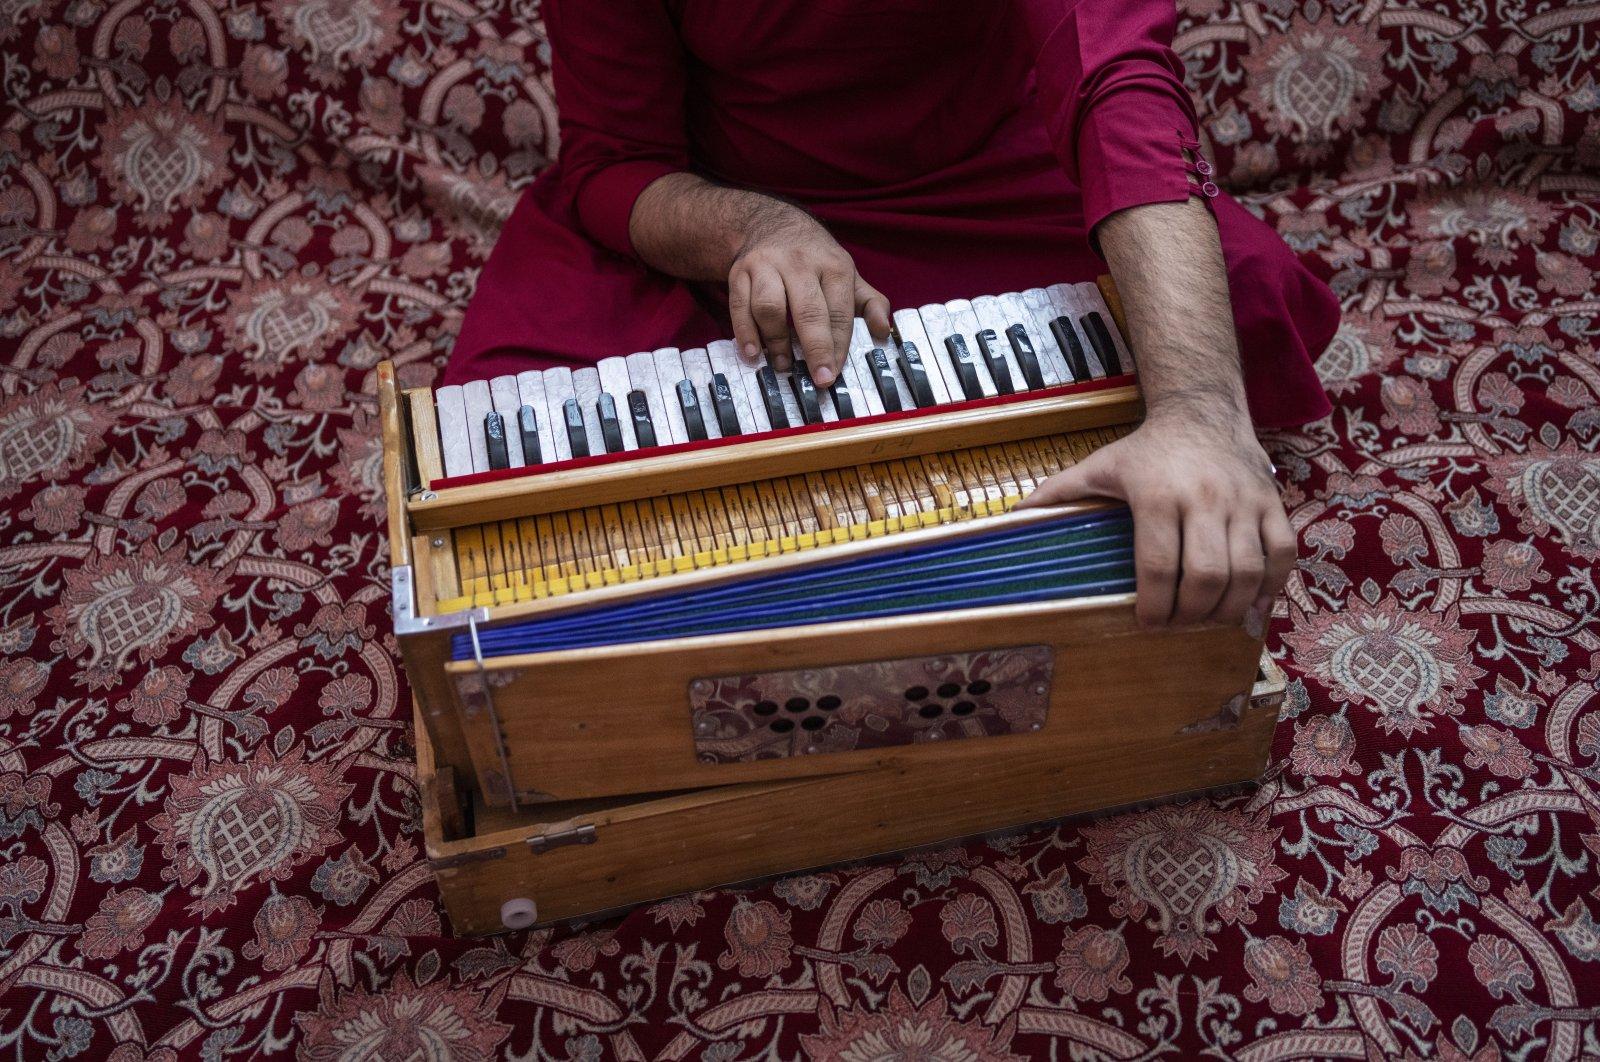 An Afghan musician plays the harmonium in Kabul, Afghanistan, Thursday, Sept. 16, 2021. (AP)